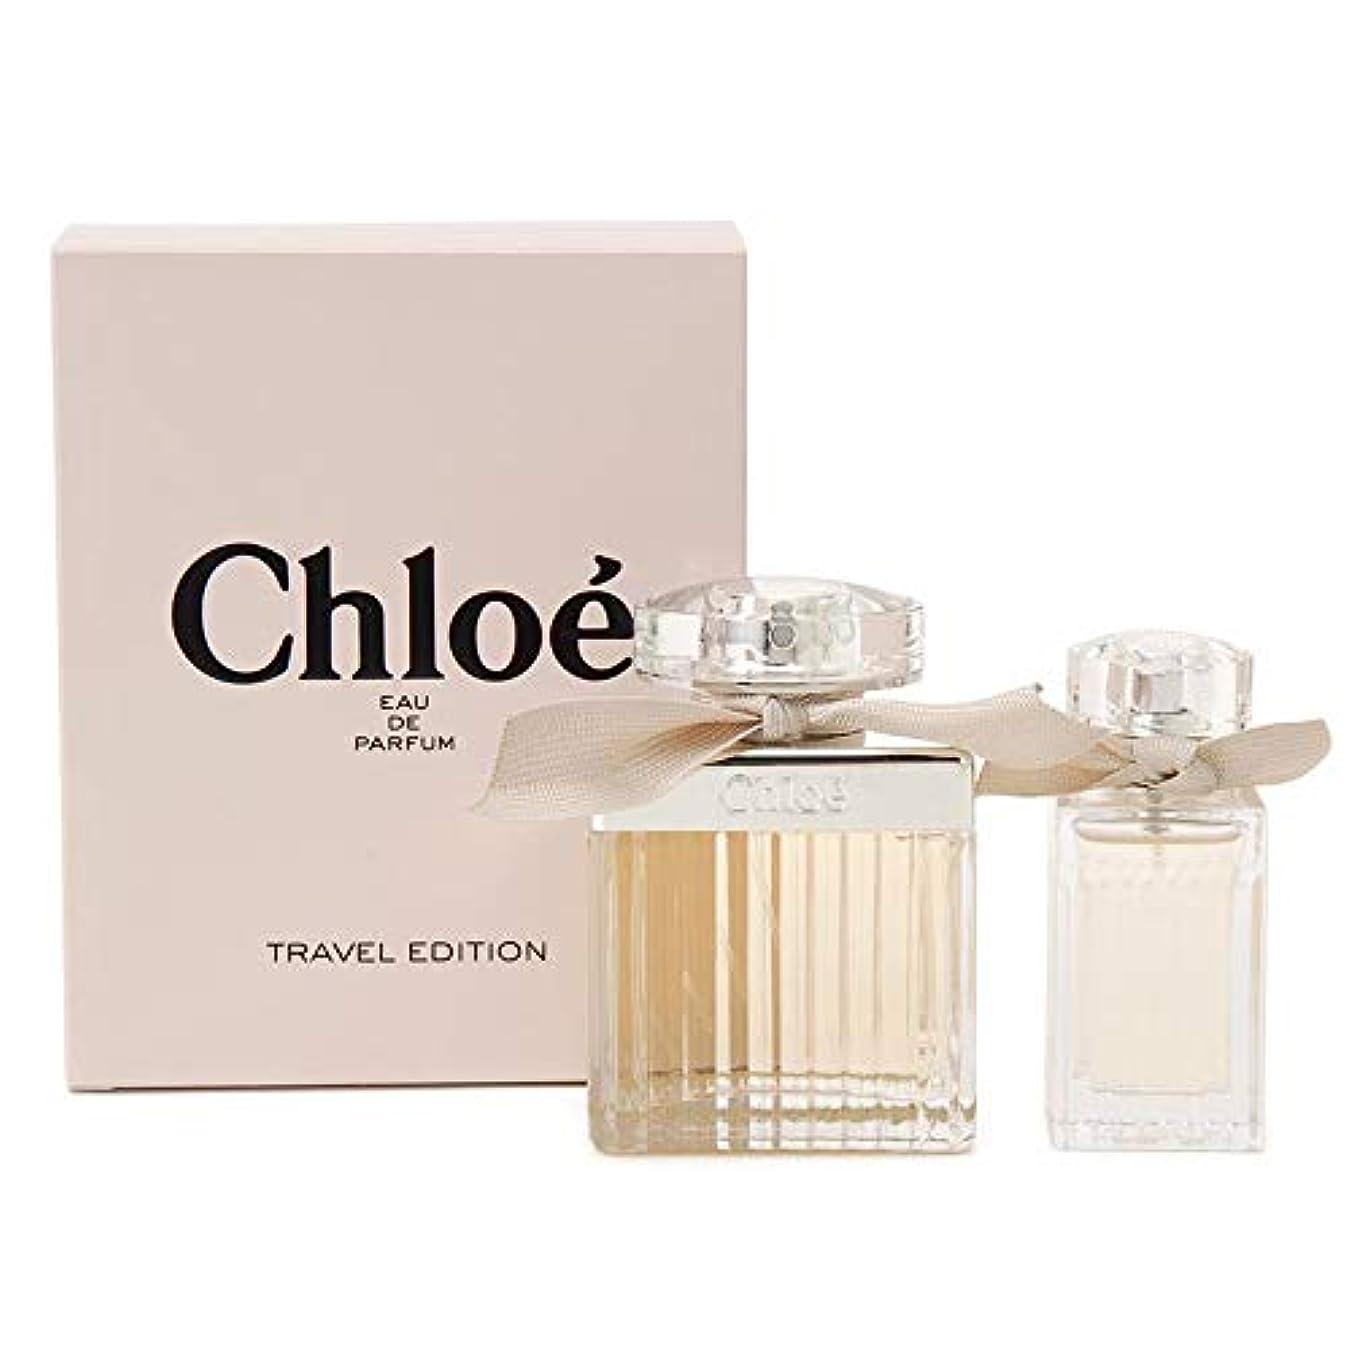 リフレッシュ廃止規模クロエ chloe オードパルファム 香水セット 20ml 75ml 2P 香水 レディース 女性用 フレグランス [並行輸入品]